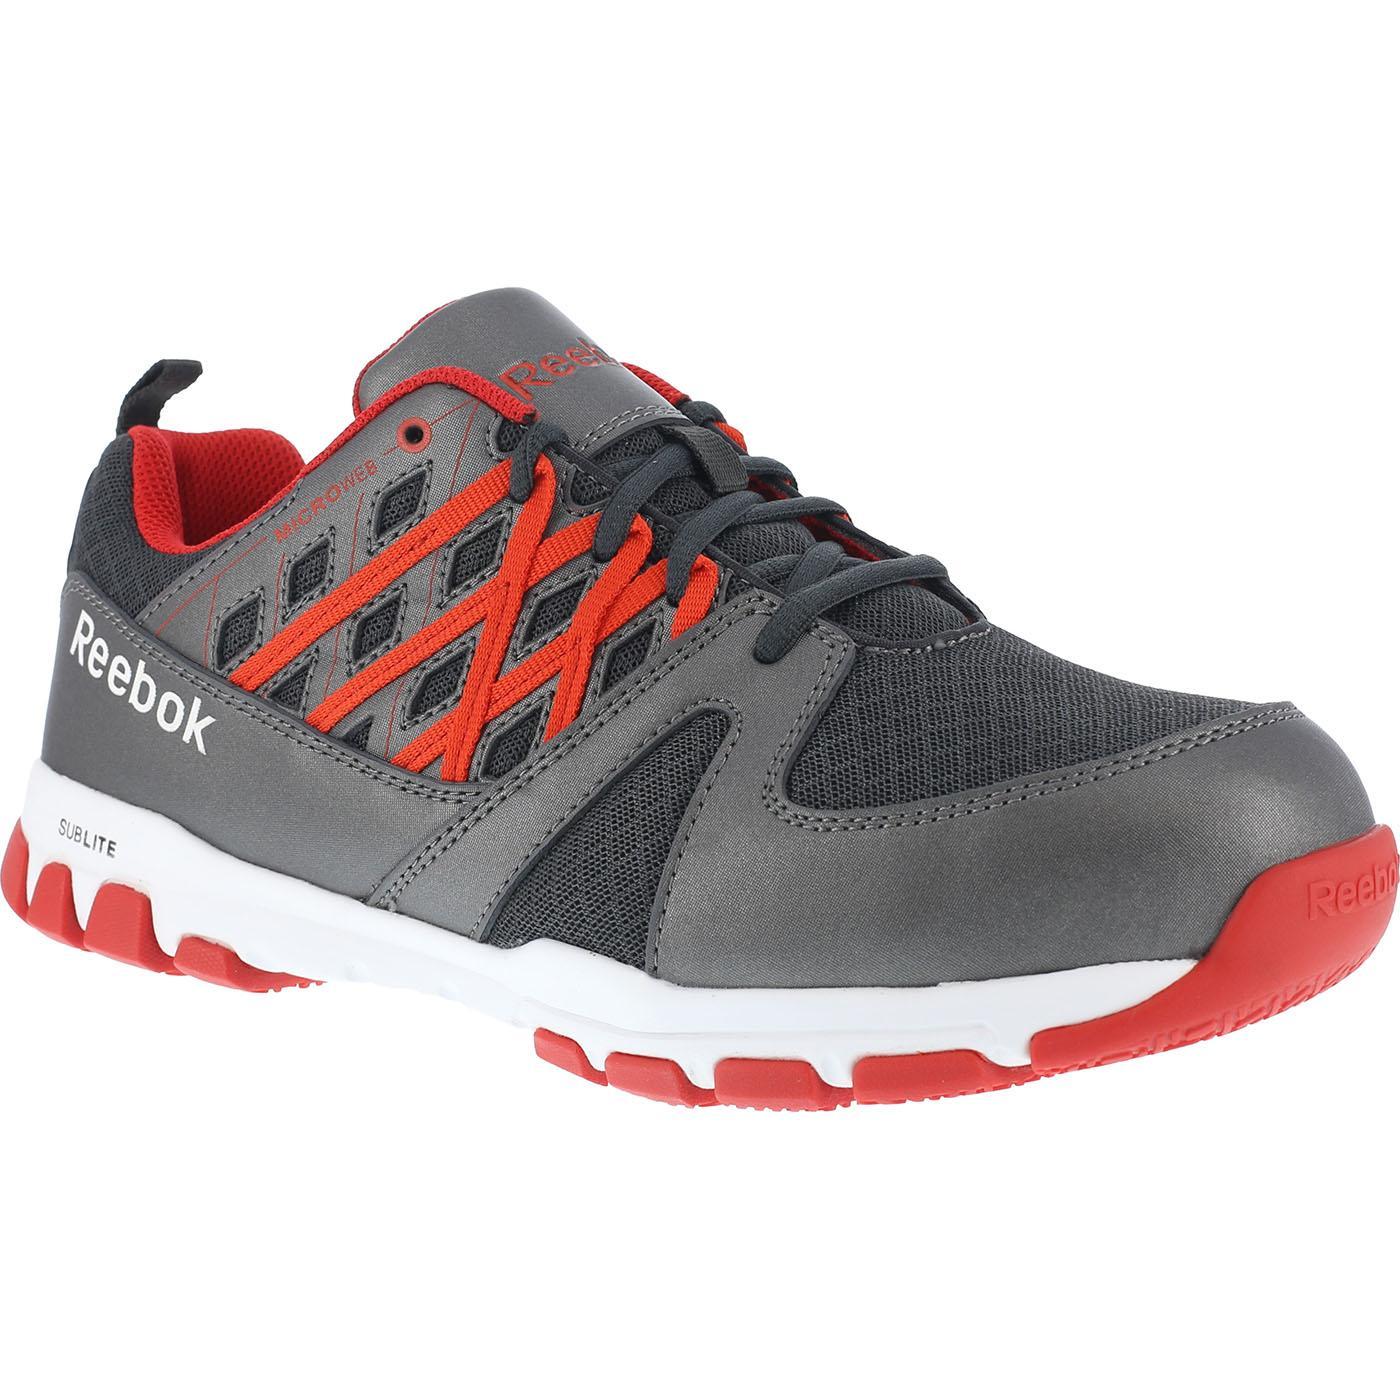 Dansko Shoes Size 13